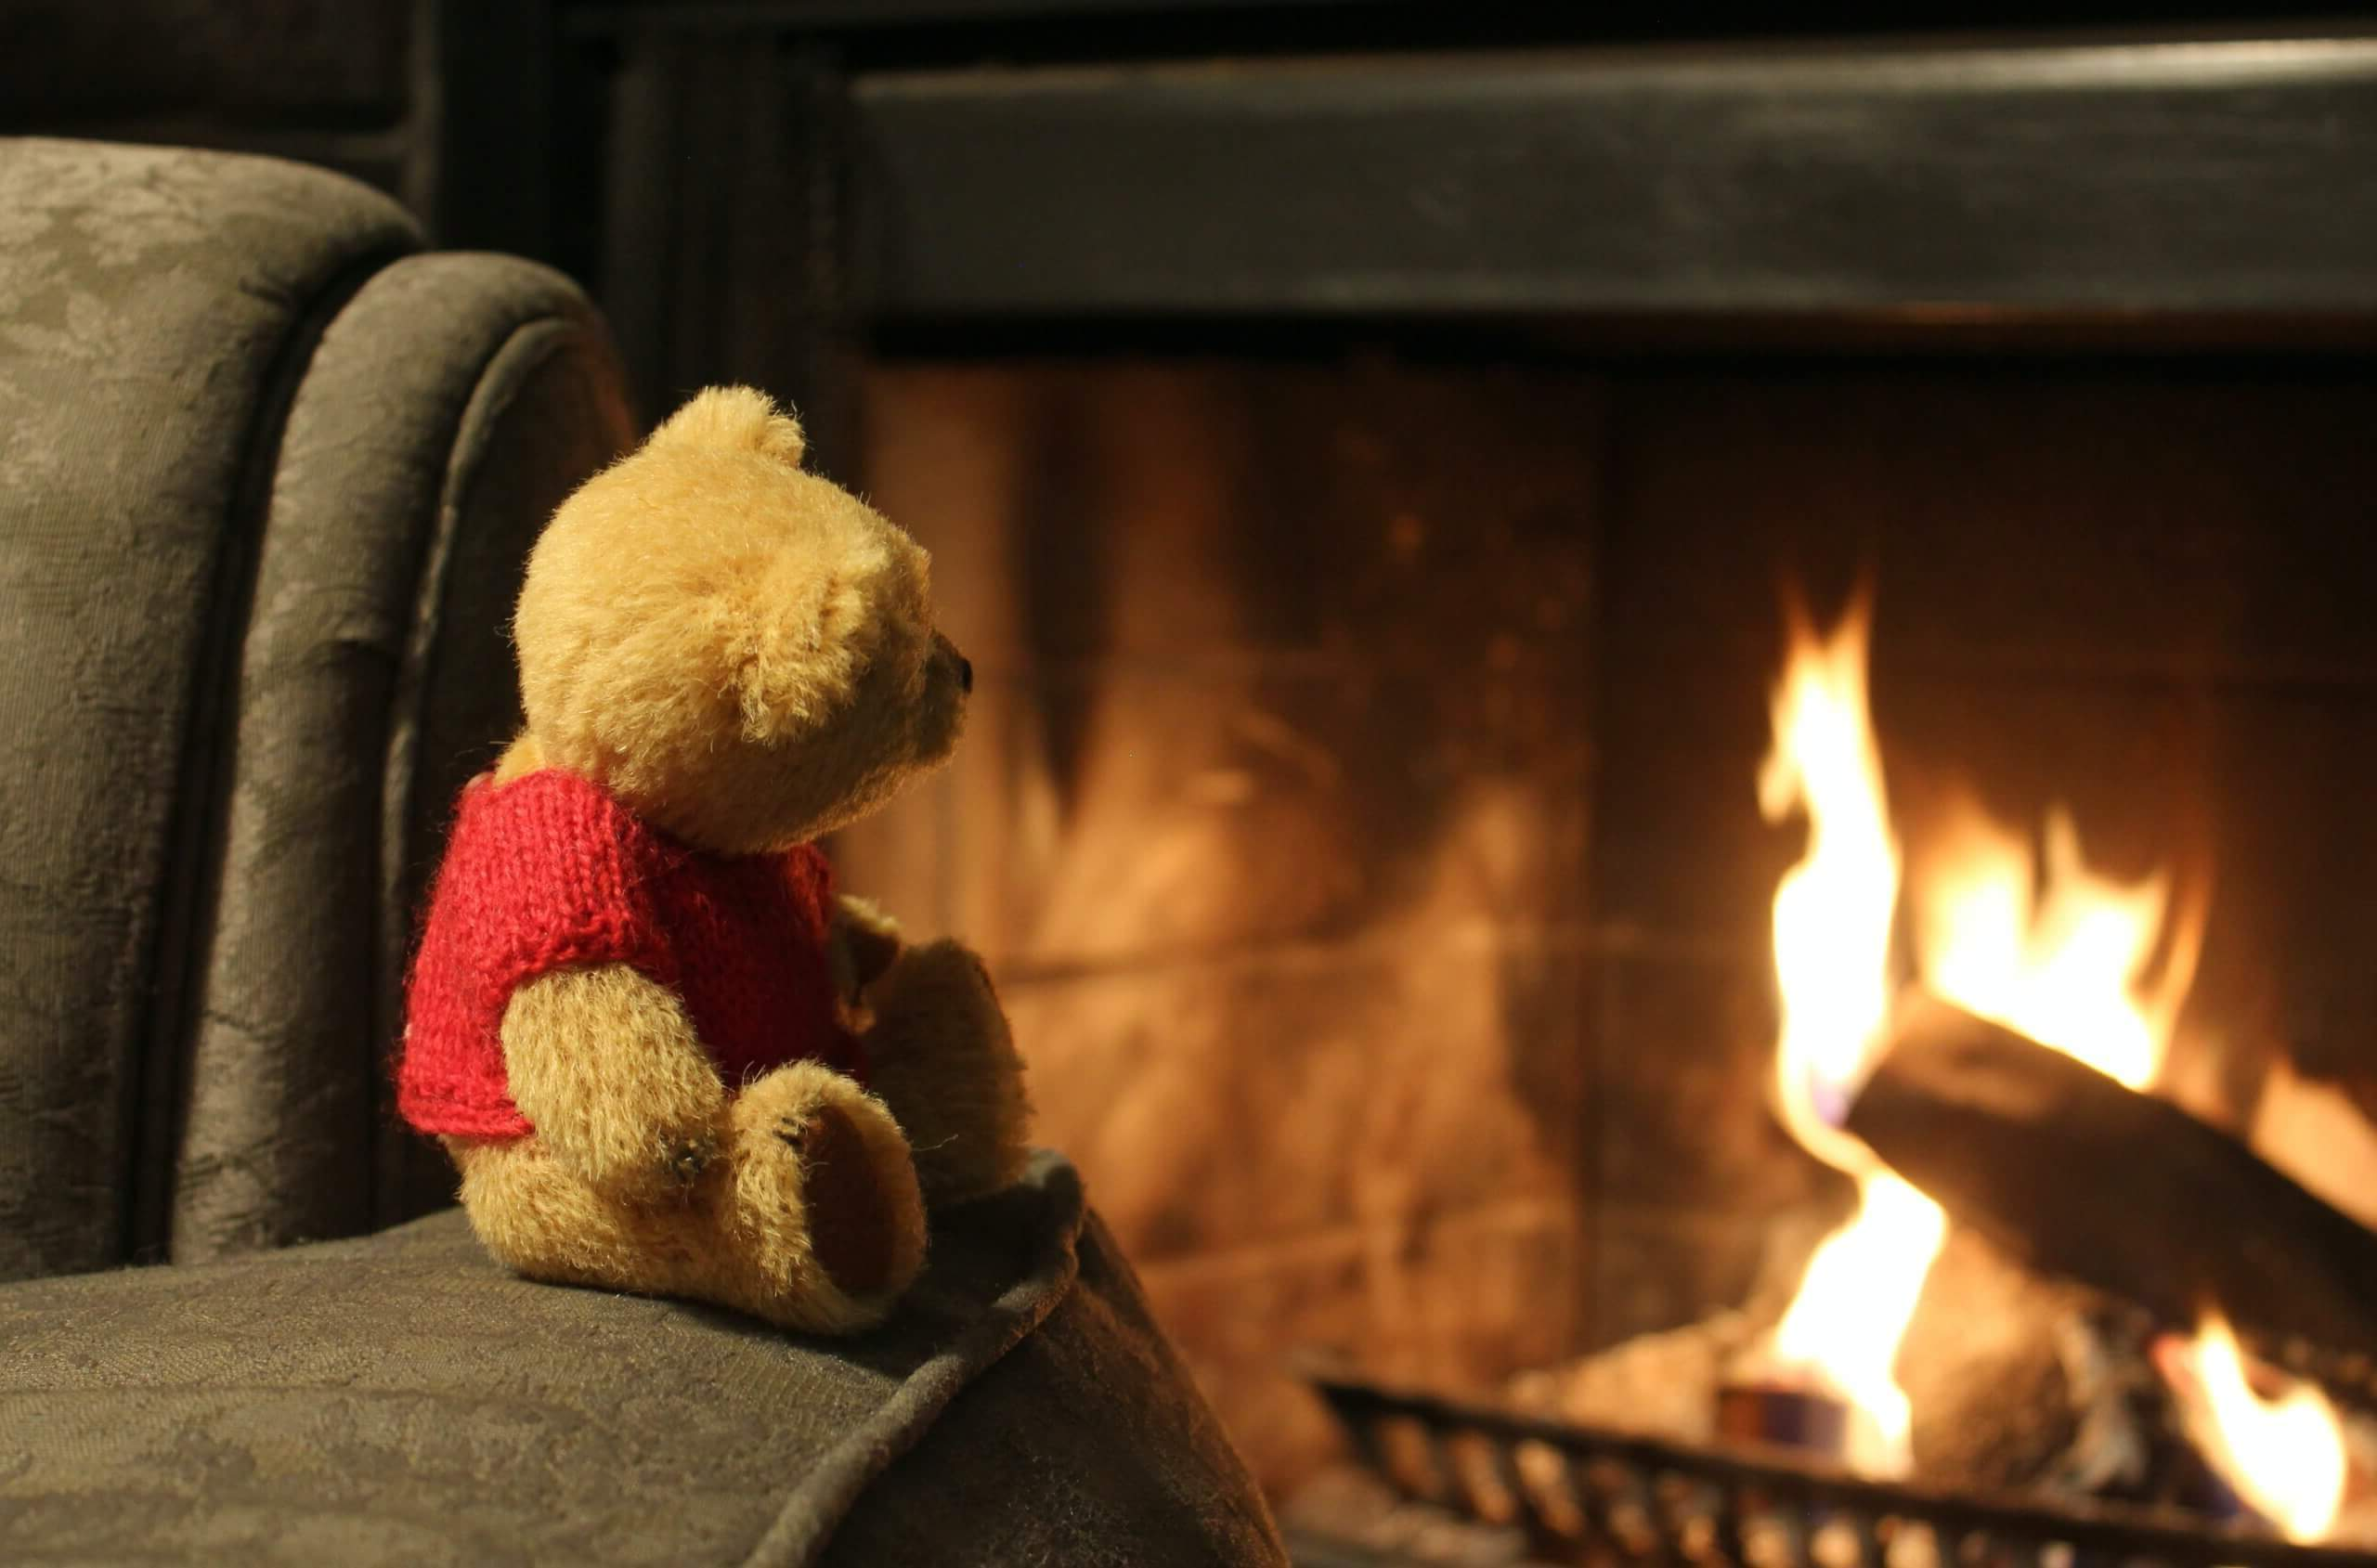 Teddy bear on chair by open fire